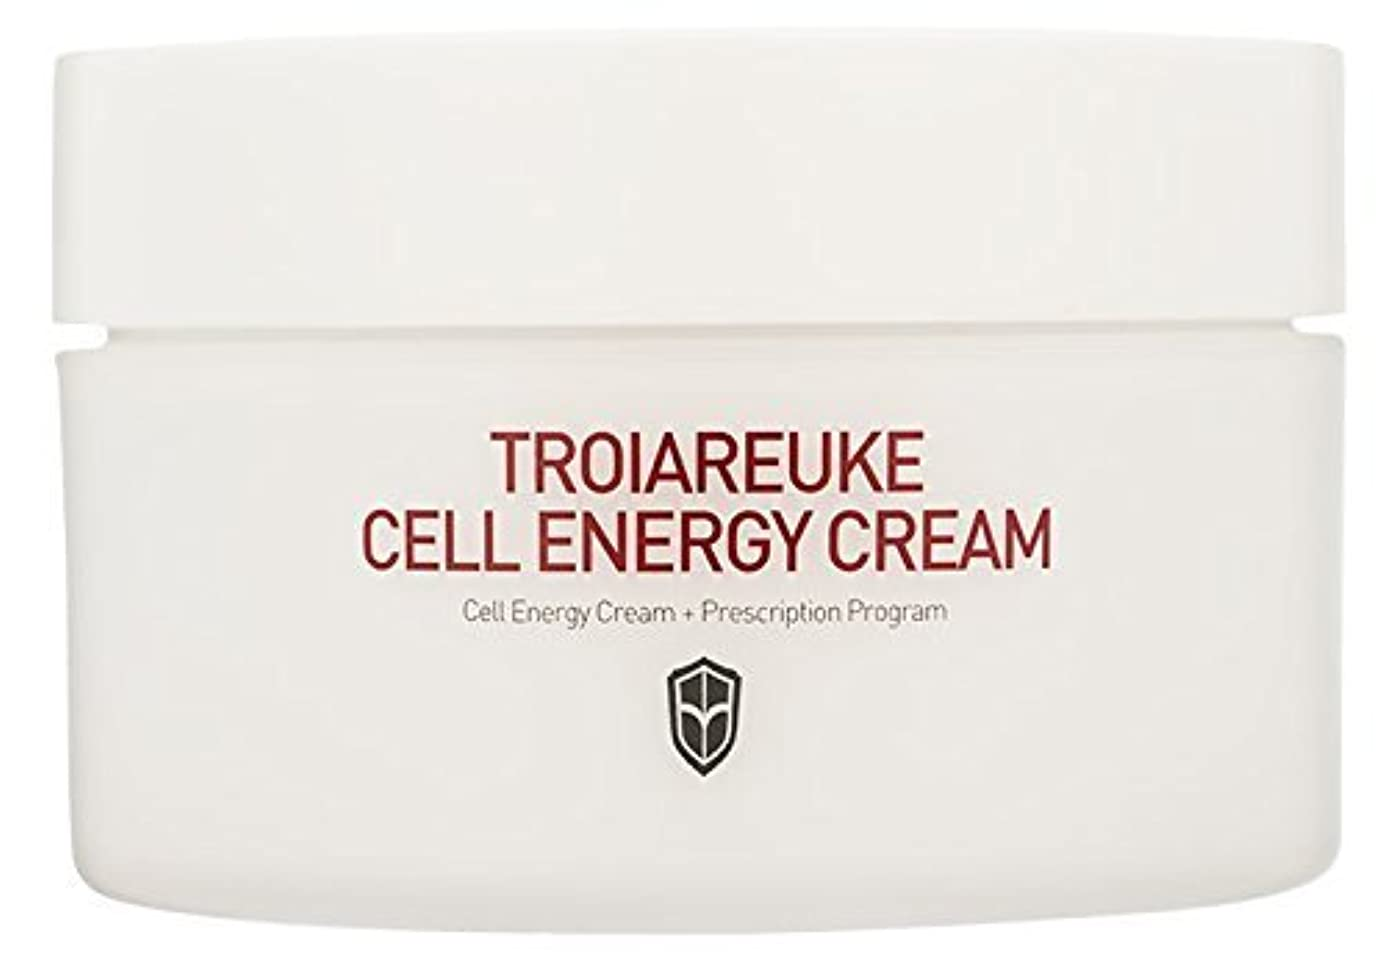 スパイラル中傷しがみつくTROIAREUKE セル エネルギー クリーム / Cell Energy Cream (125ml) [並行輸入品]